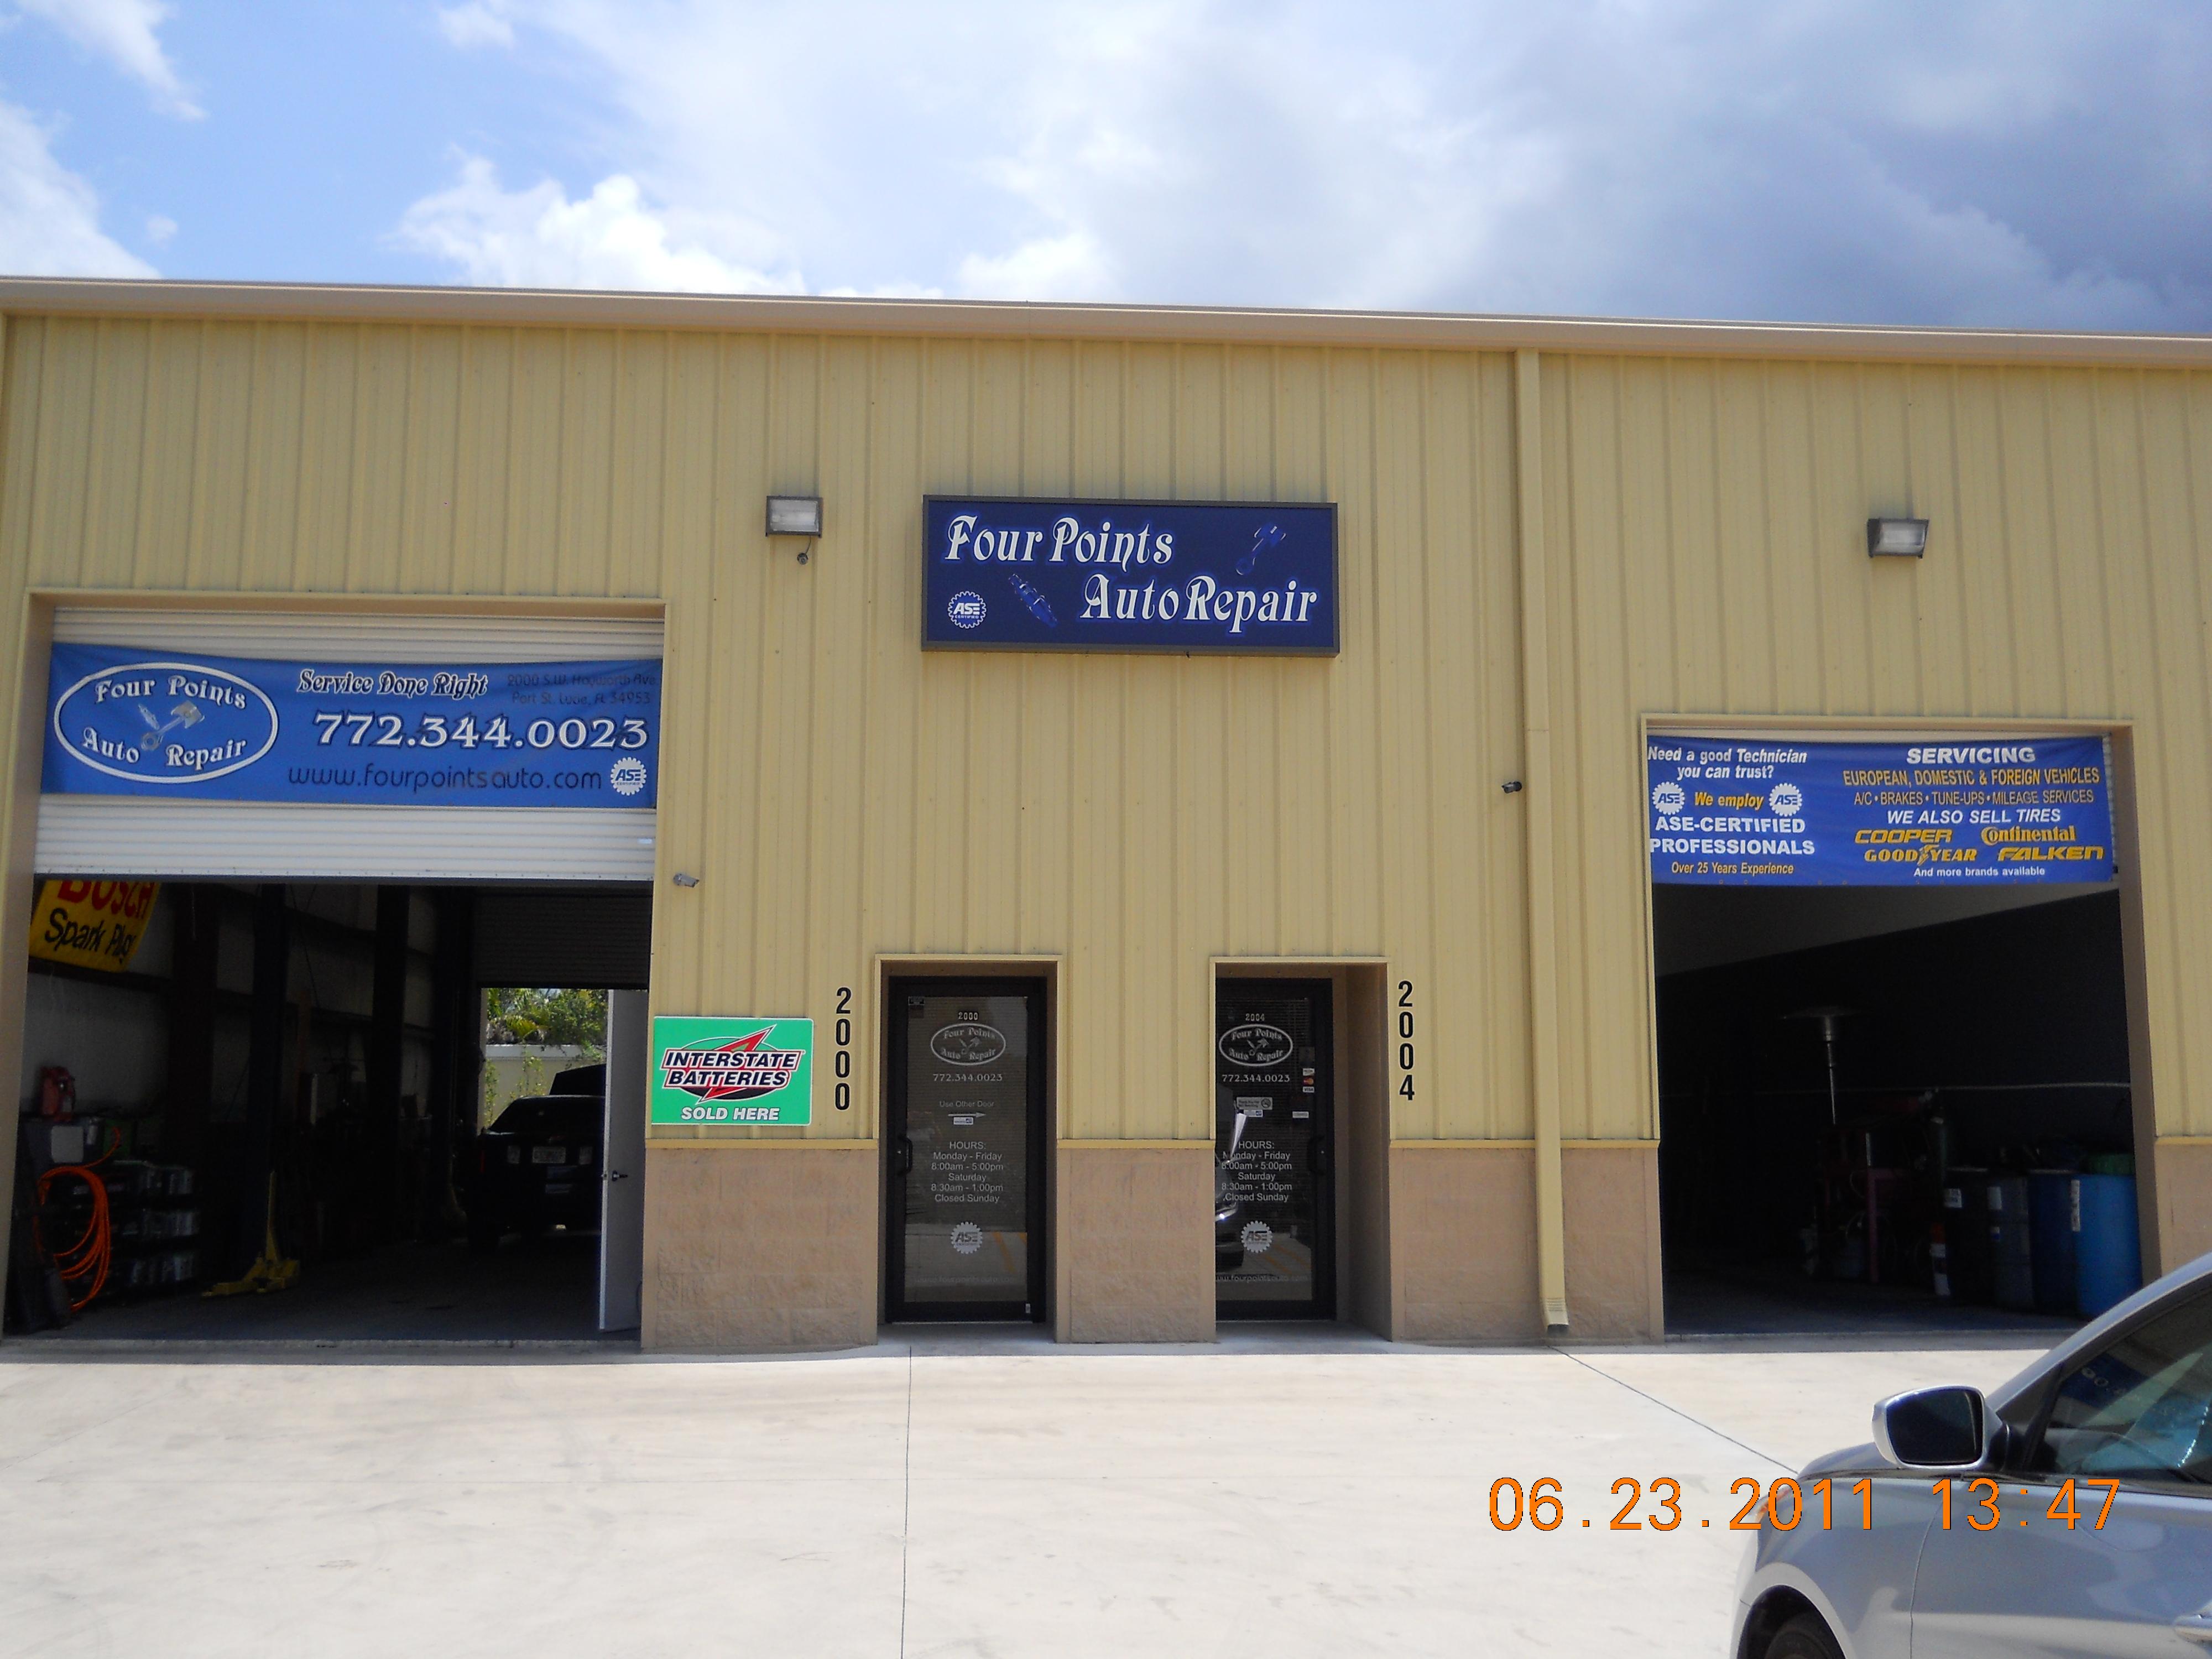 Four Points Auto, Port Saint Lucie FL